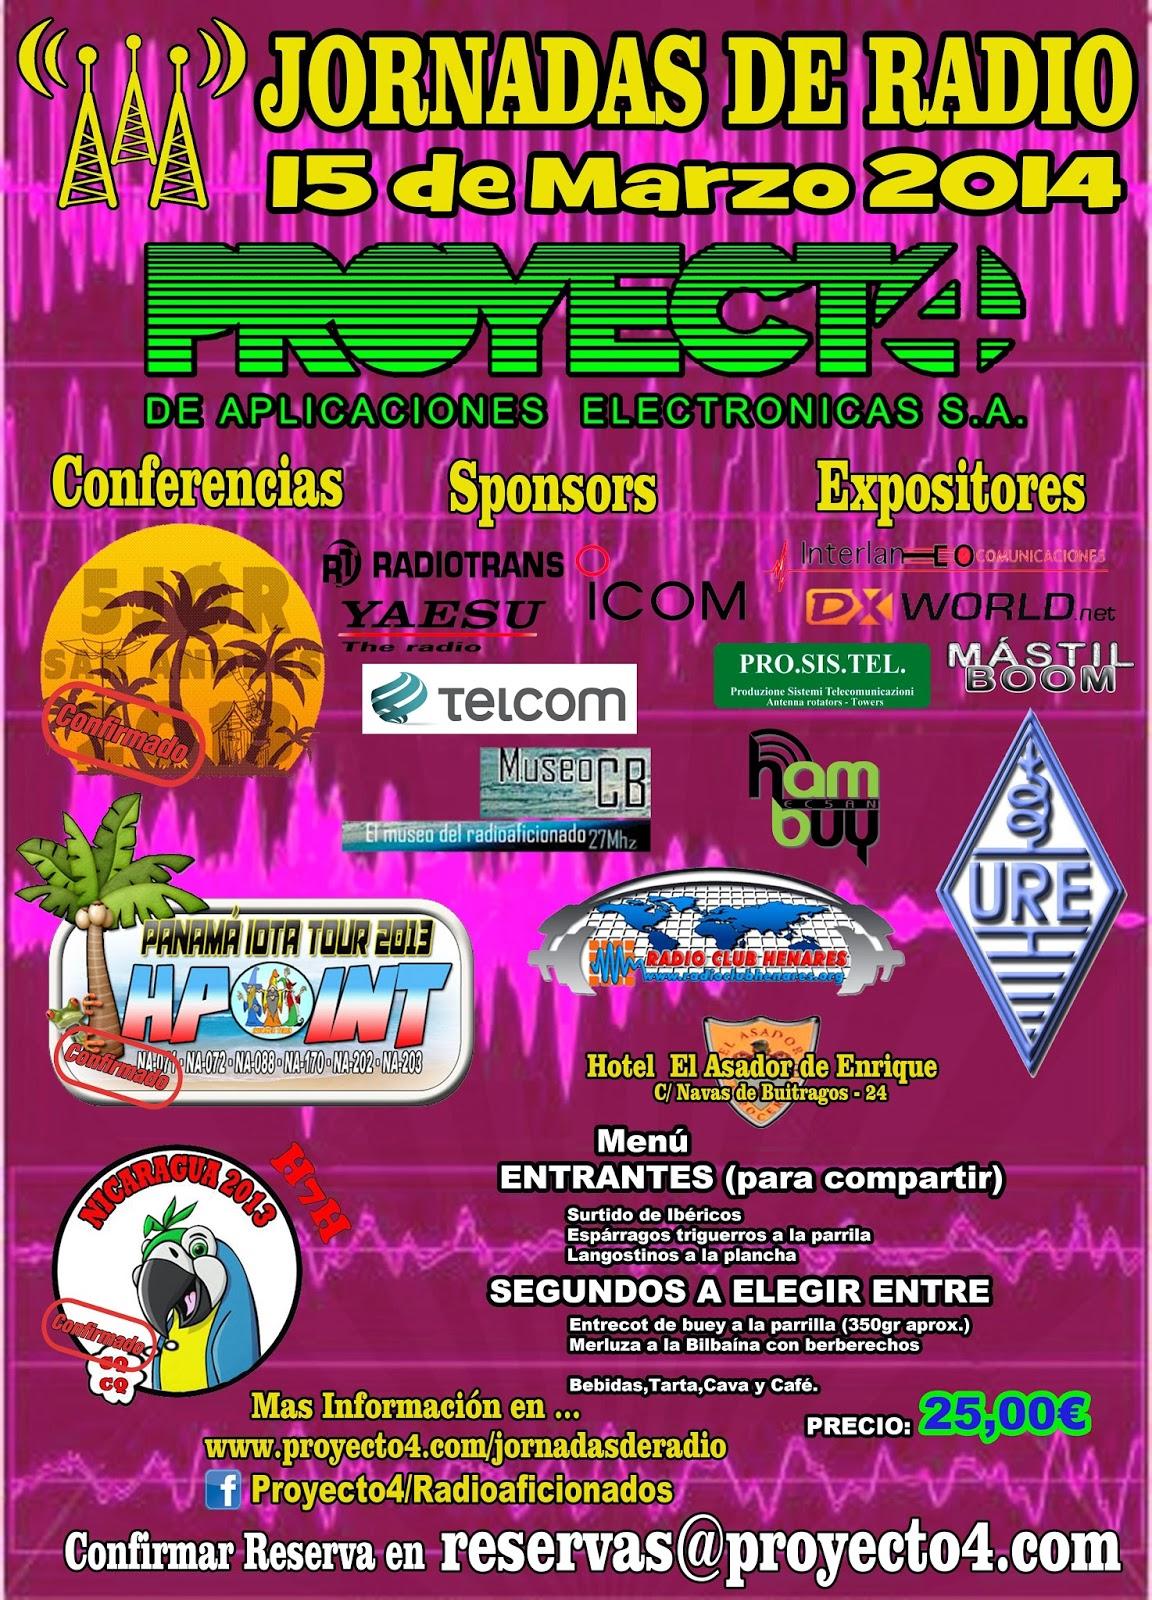 Jornadas de Radio Proyecto 4 2.014